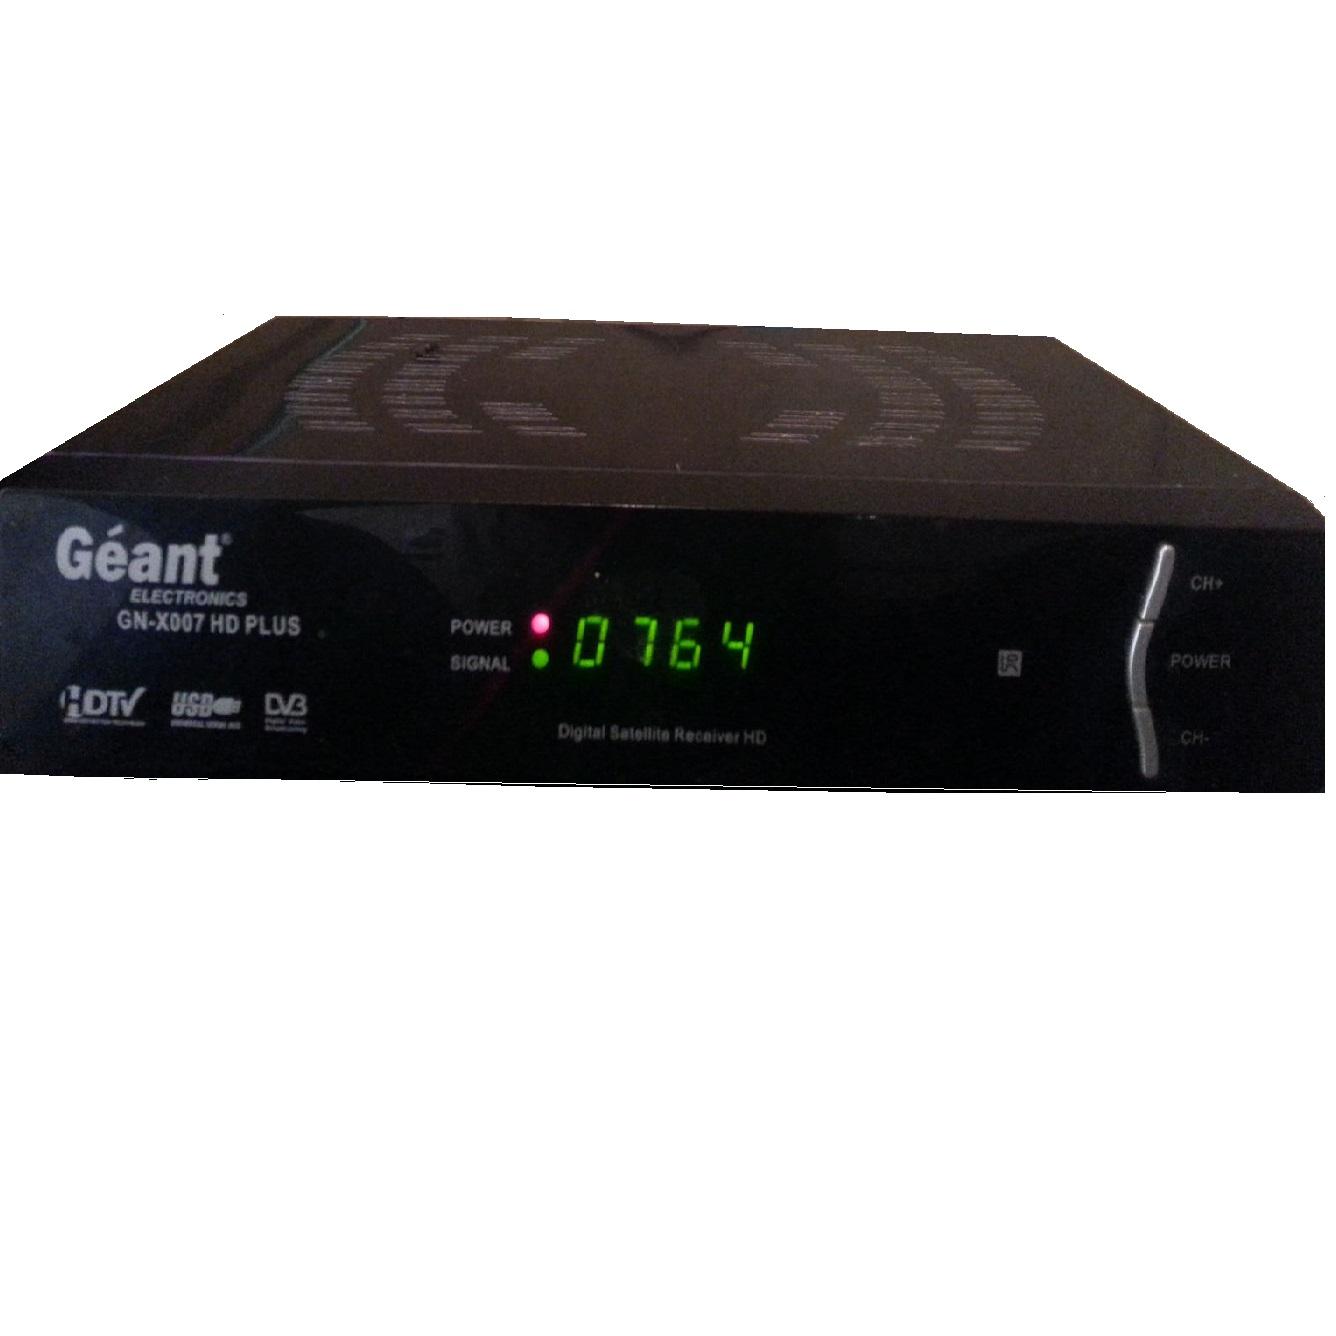 اخر تحديث لجهاز Mise à jour Geant GN-X007 HD plus